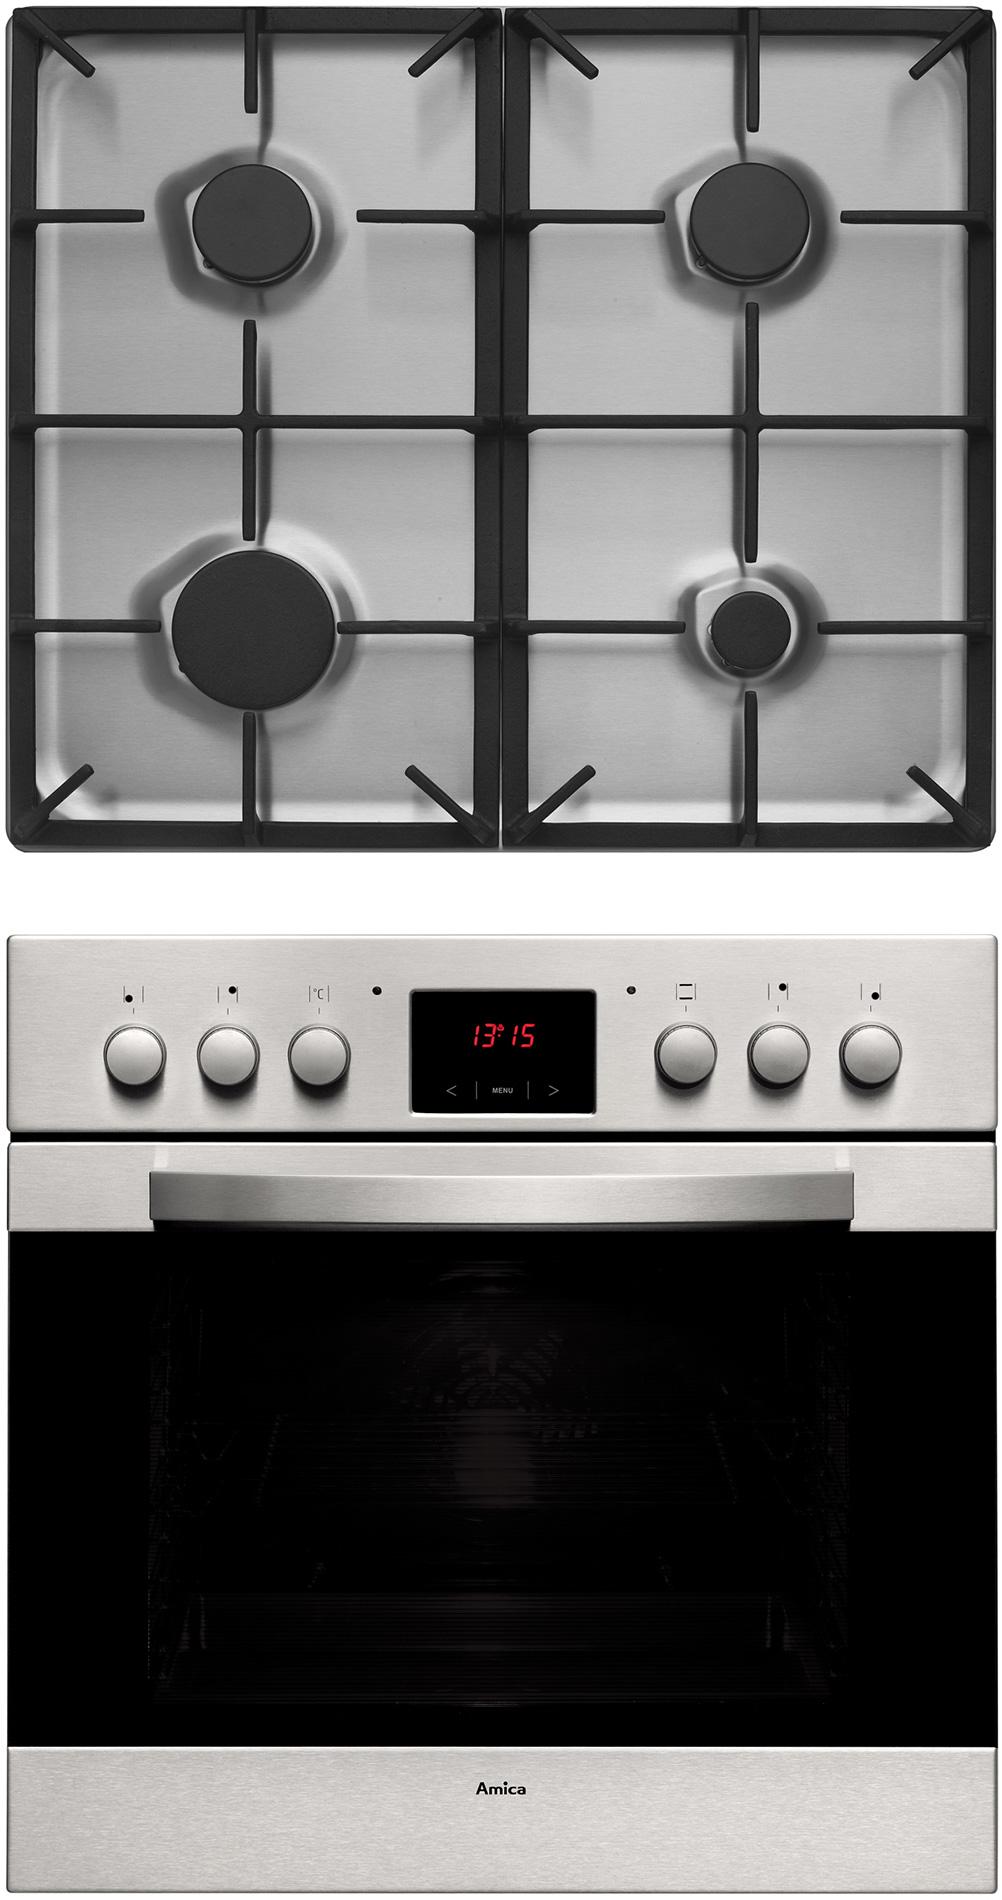 Kuchnia do zabudowy z płytą gazową Scandium GHS 75312 AA  Amica -> Kuchnia Gazowa Amica Cześci Zamienne